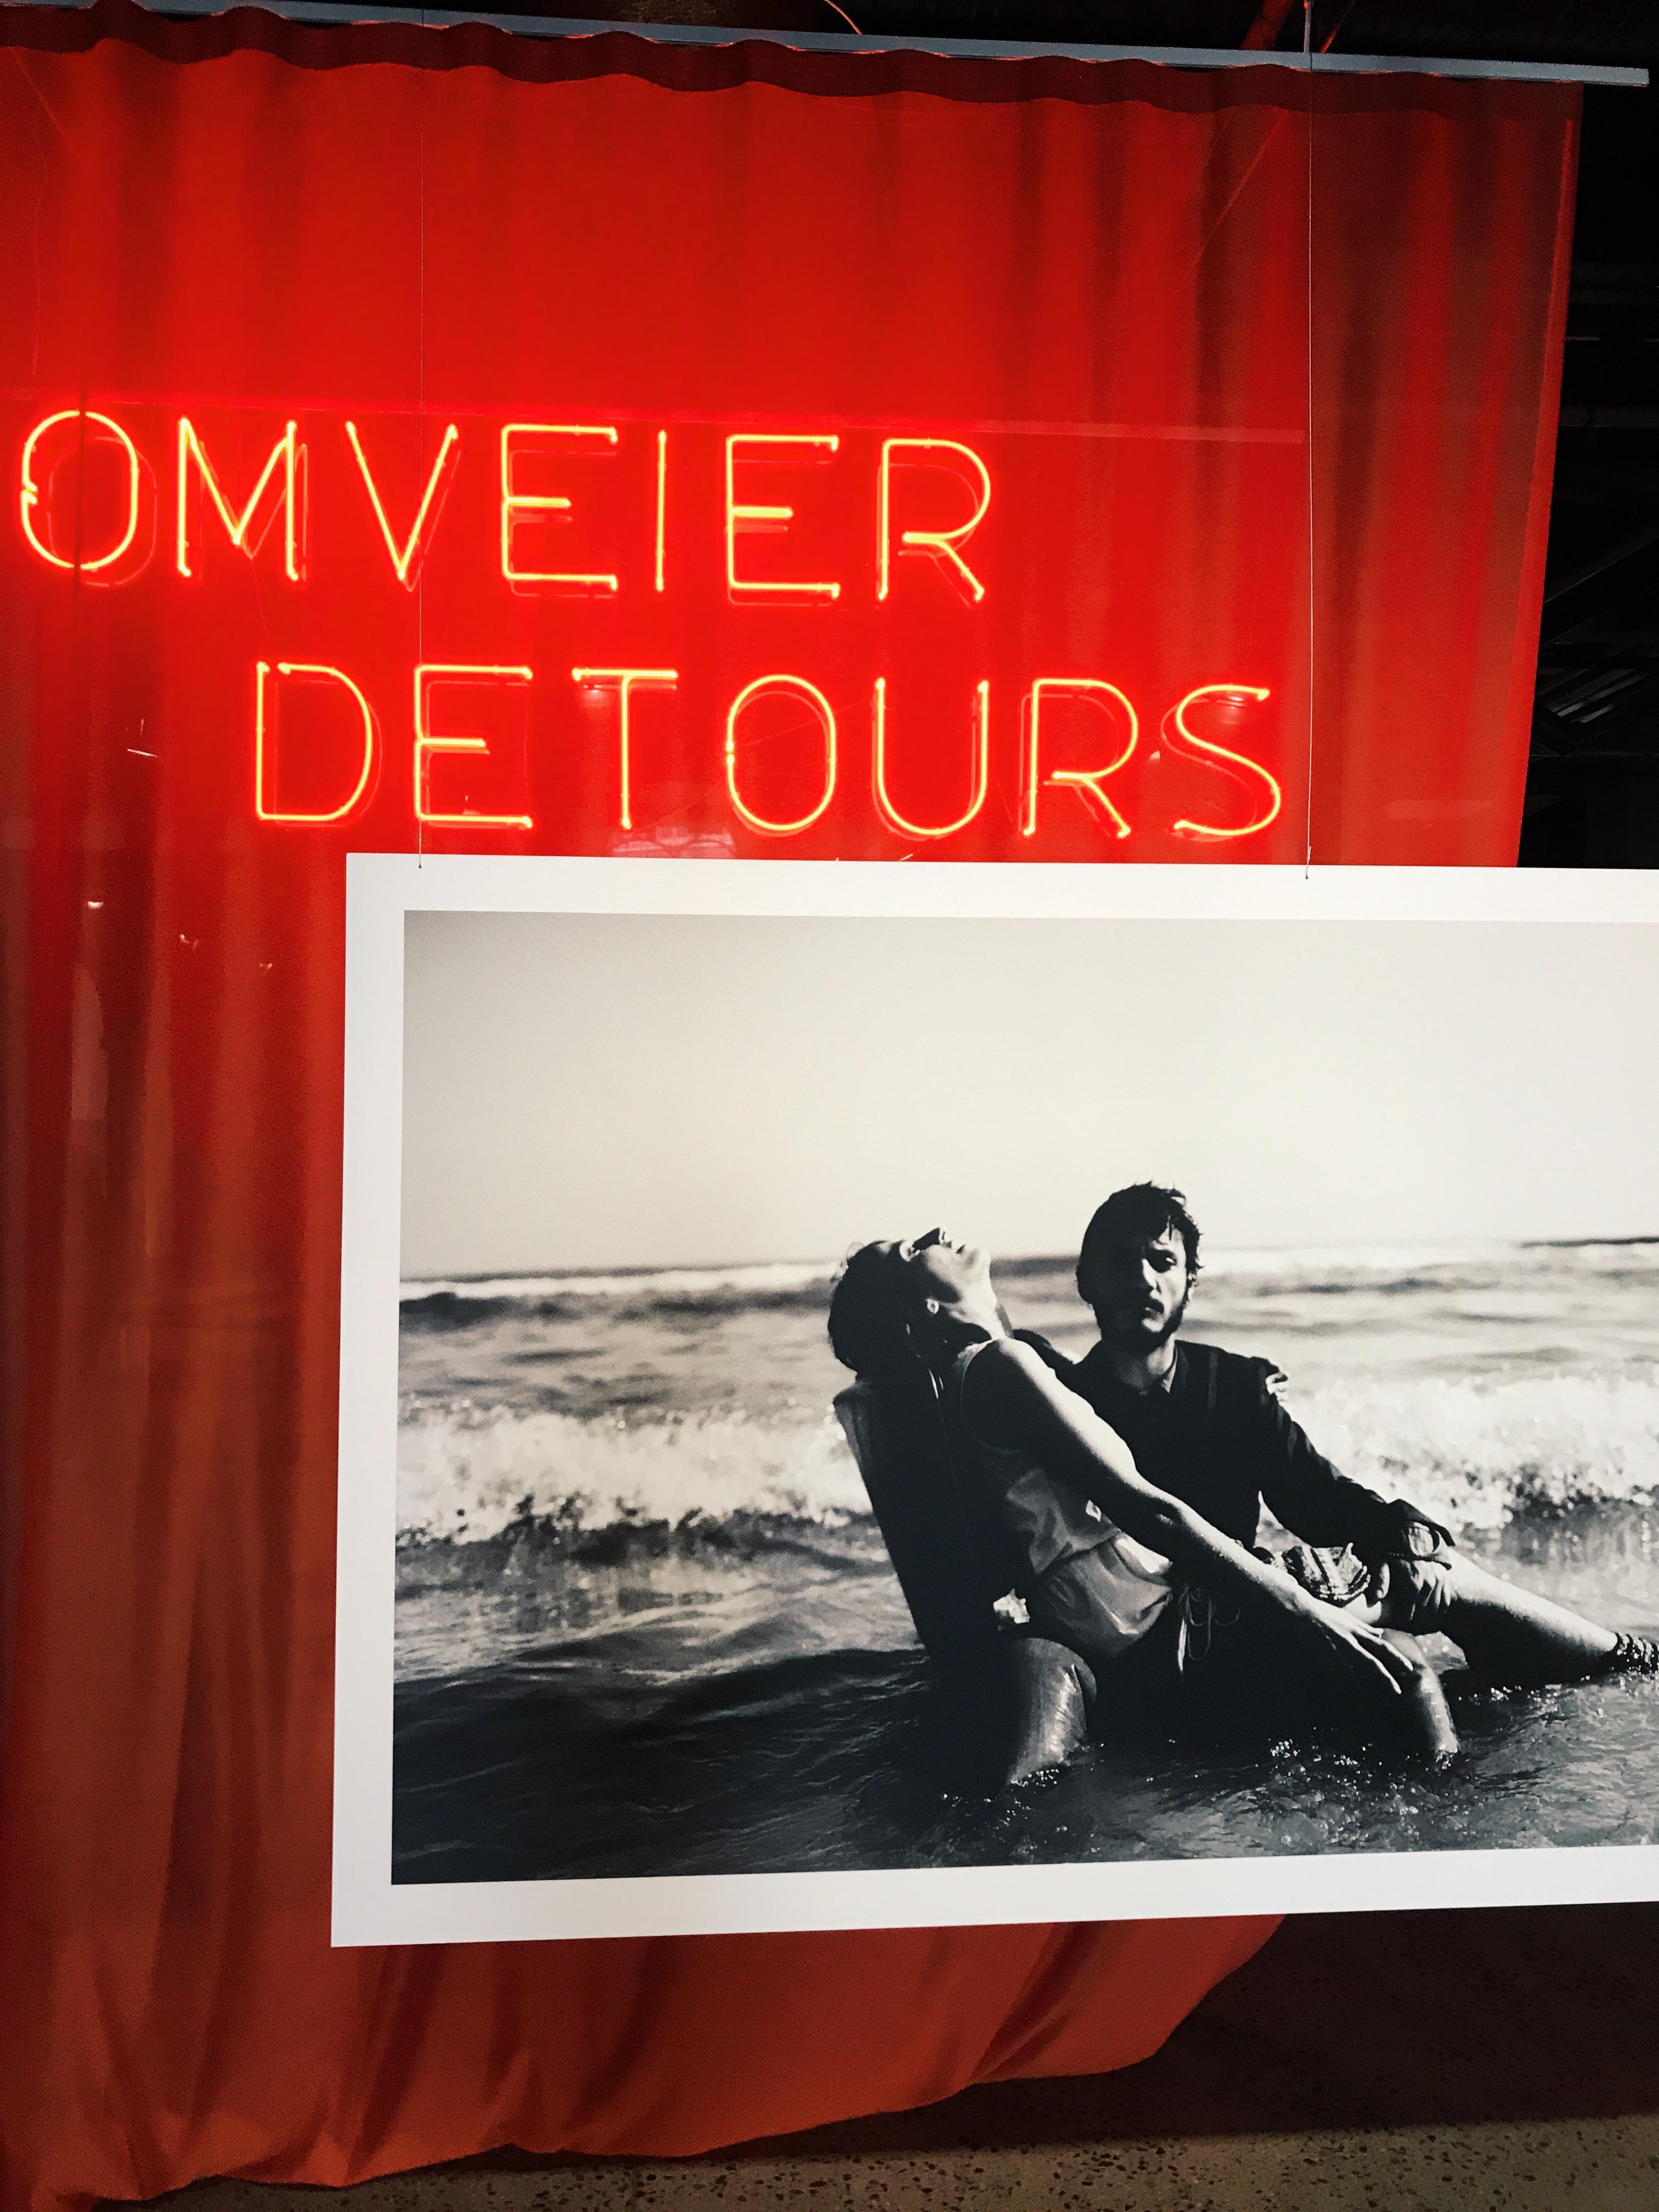 Detours exhibit